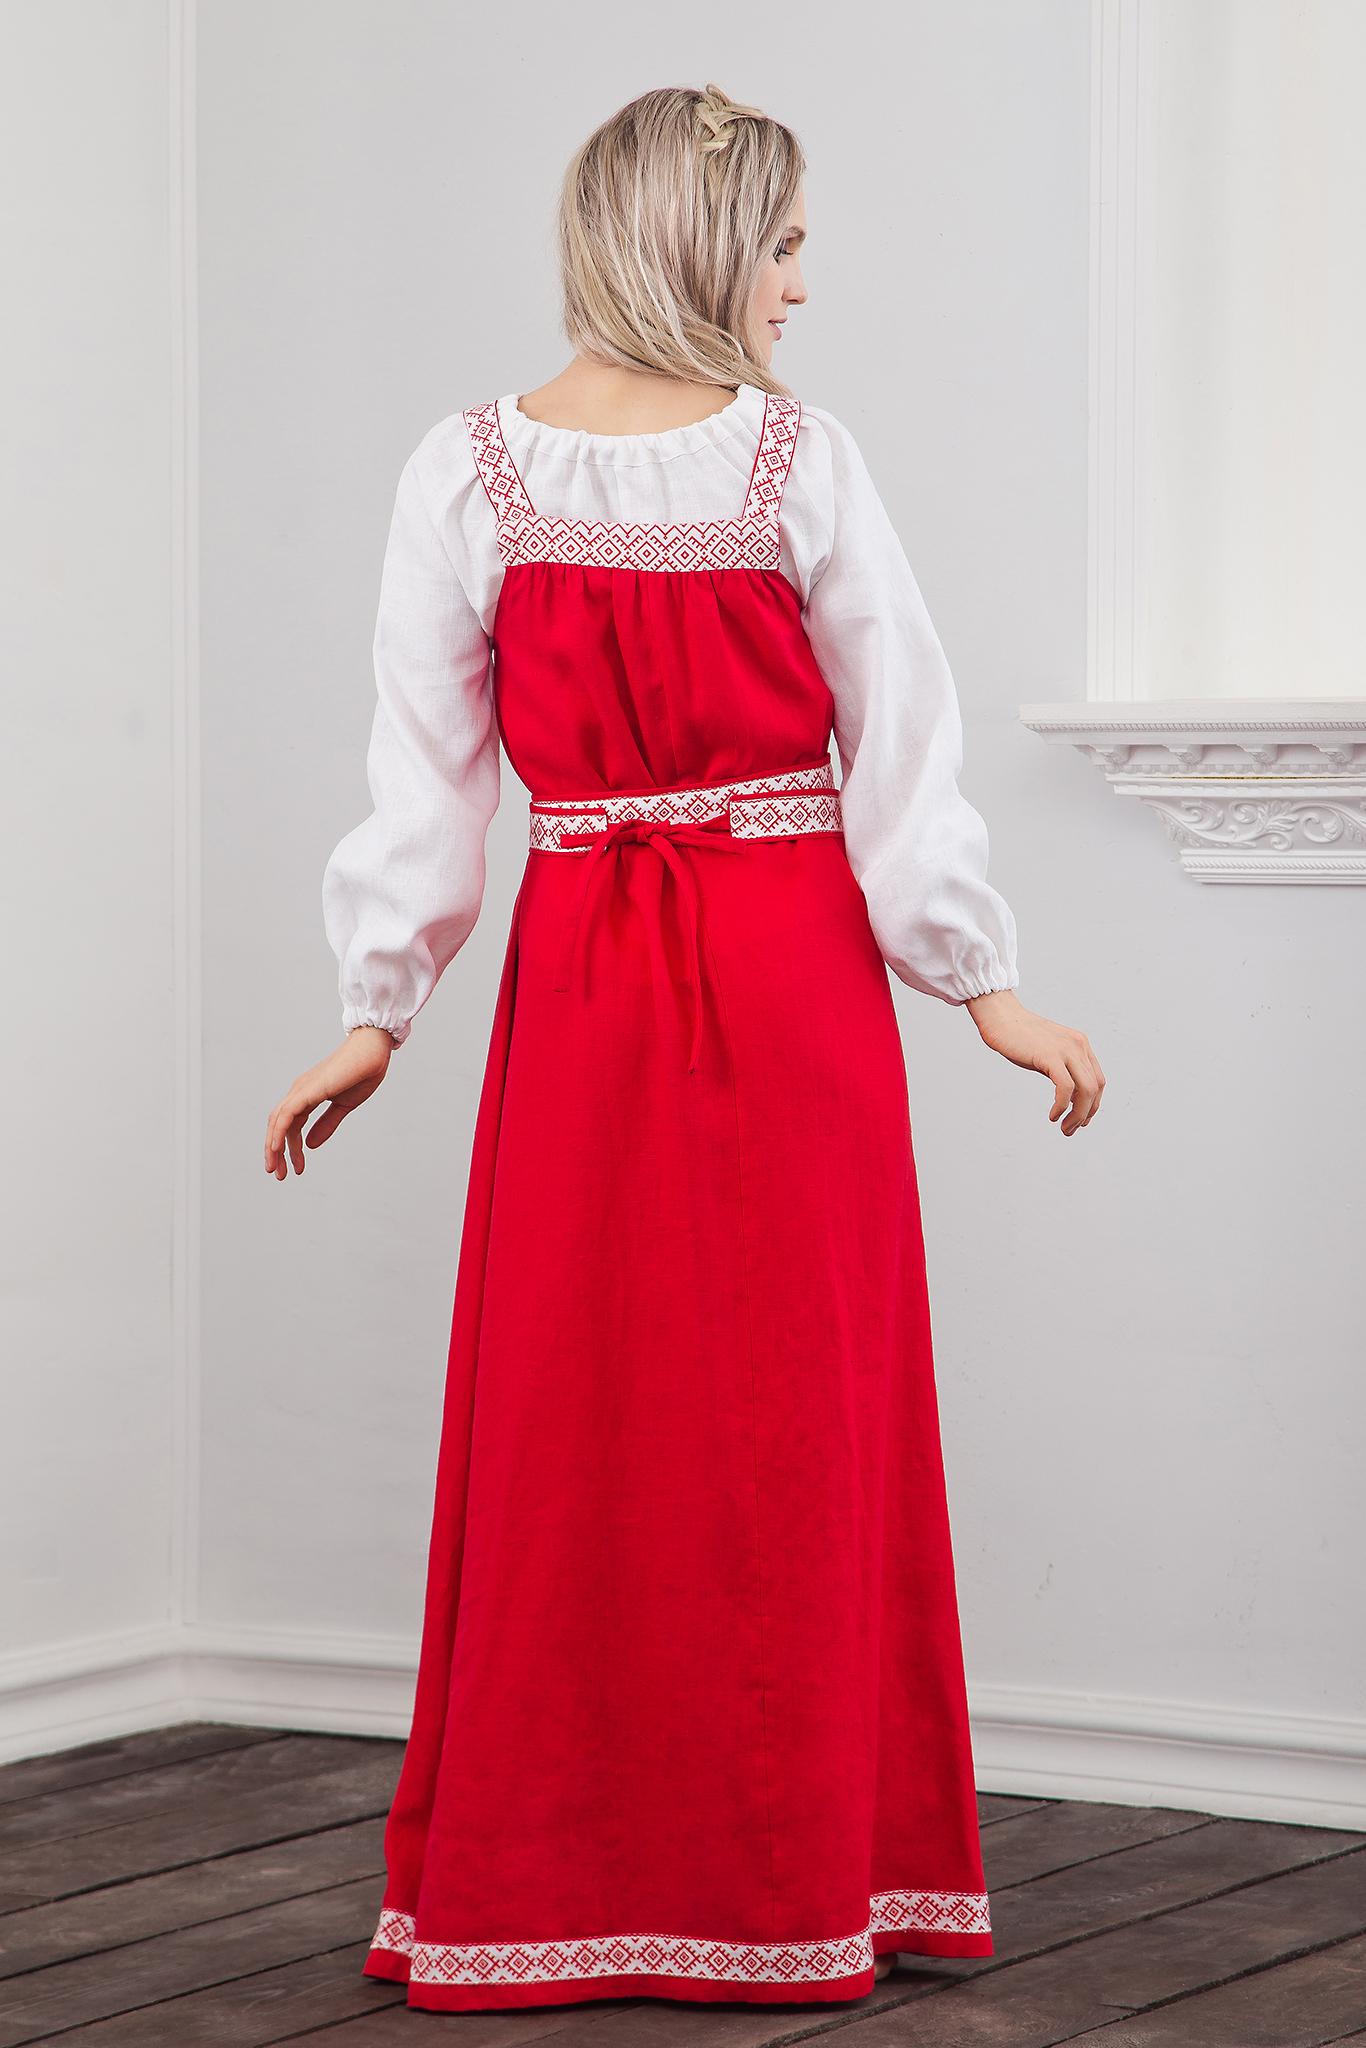 Сарафан традиционный Русская краса вид сзади